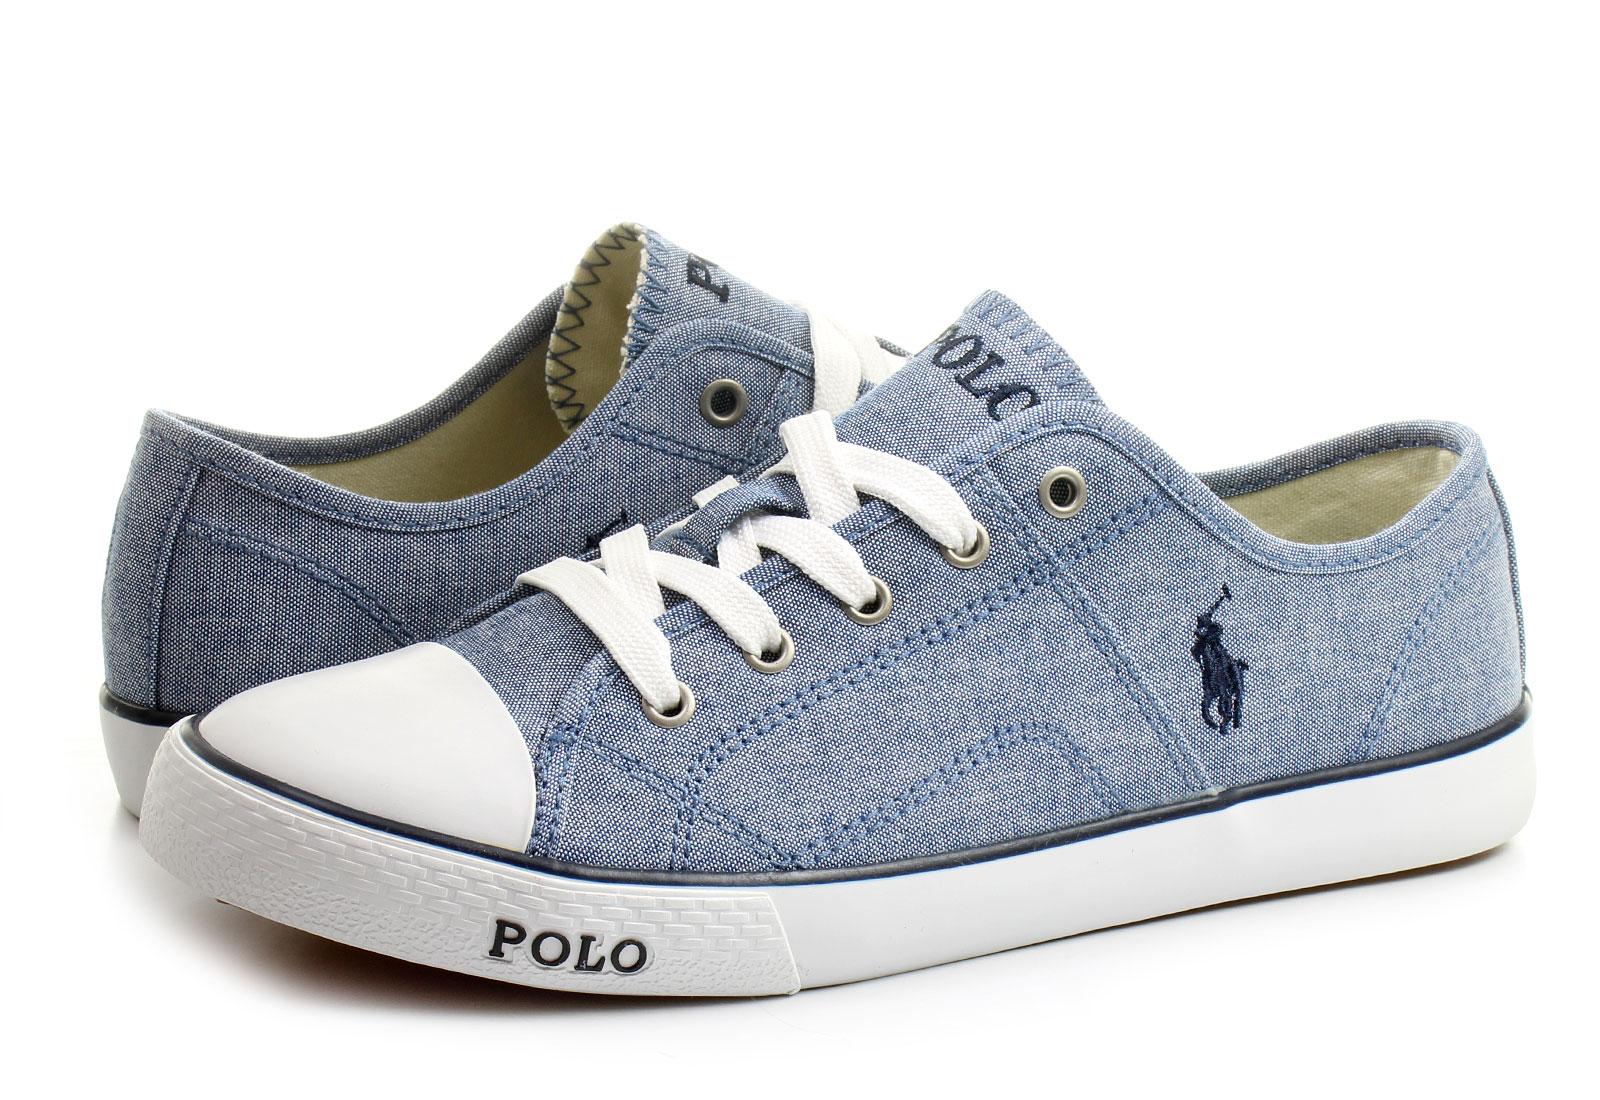 Polo Shoes Online Shop